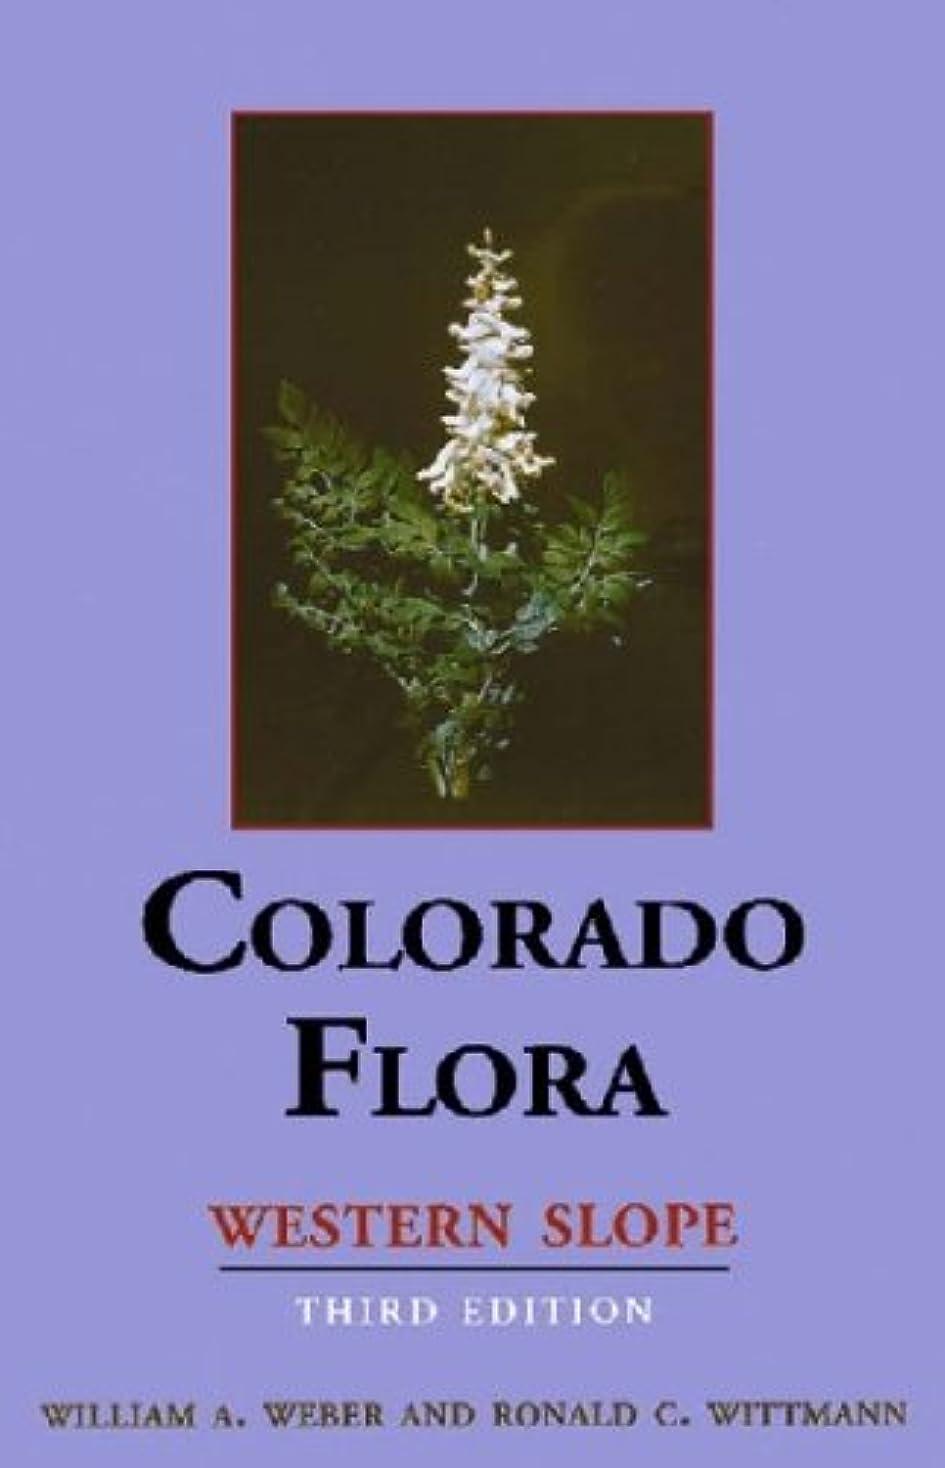 星マリンピースColorado Flora: Western Slope, Third Edition (English Edition)